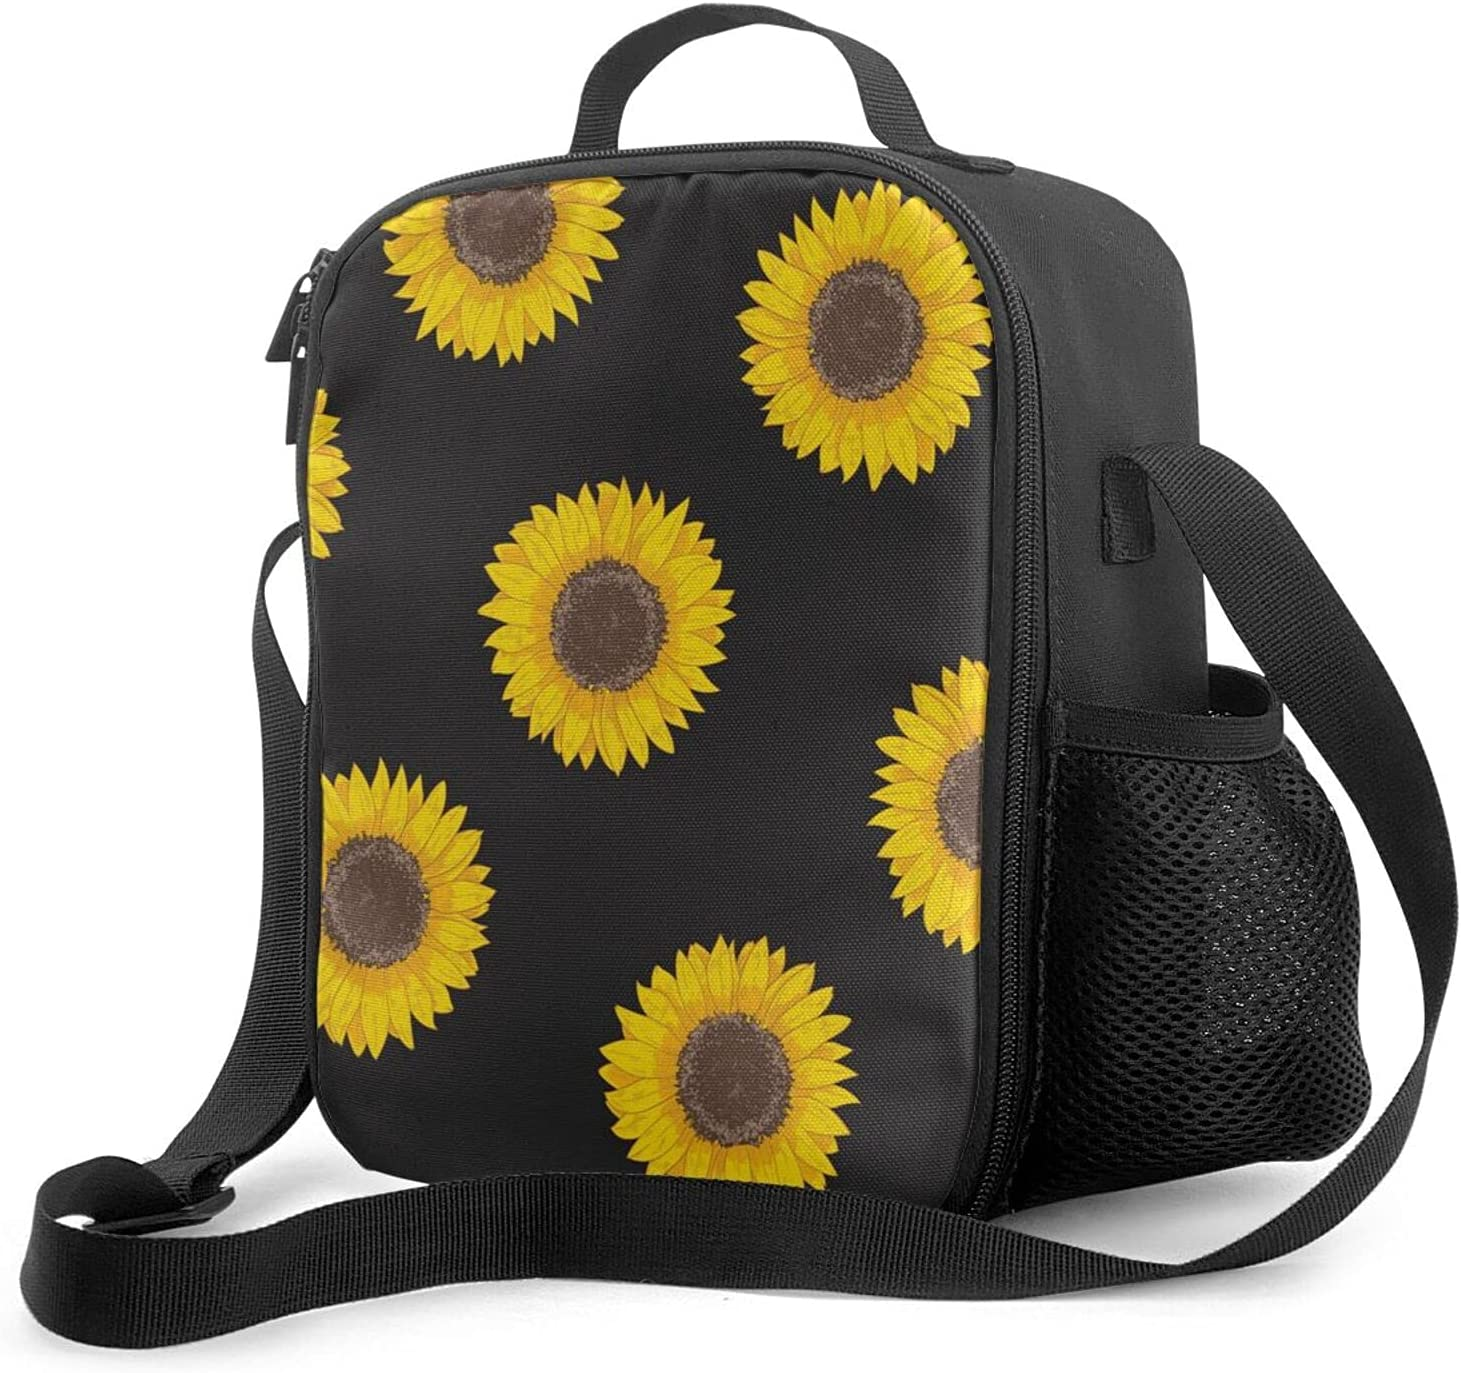 Sunflower Charlotte Mall black Lunch Bag Women Tote for Box [Alternative dealer]